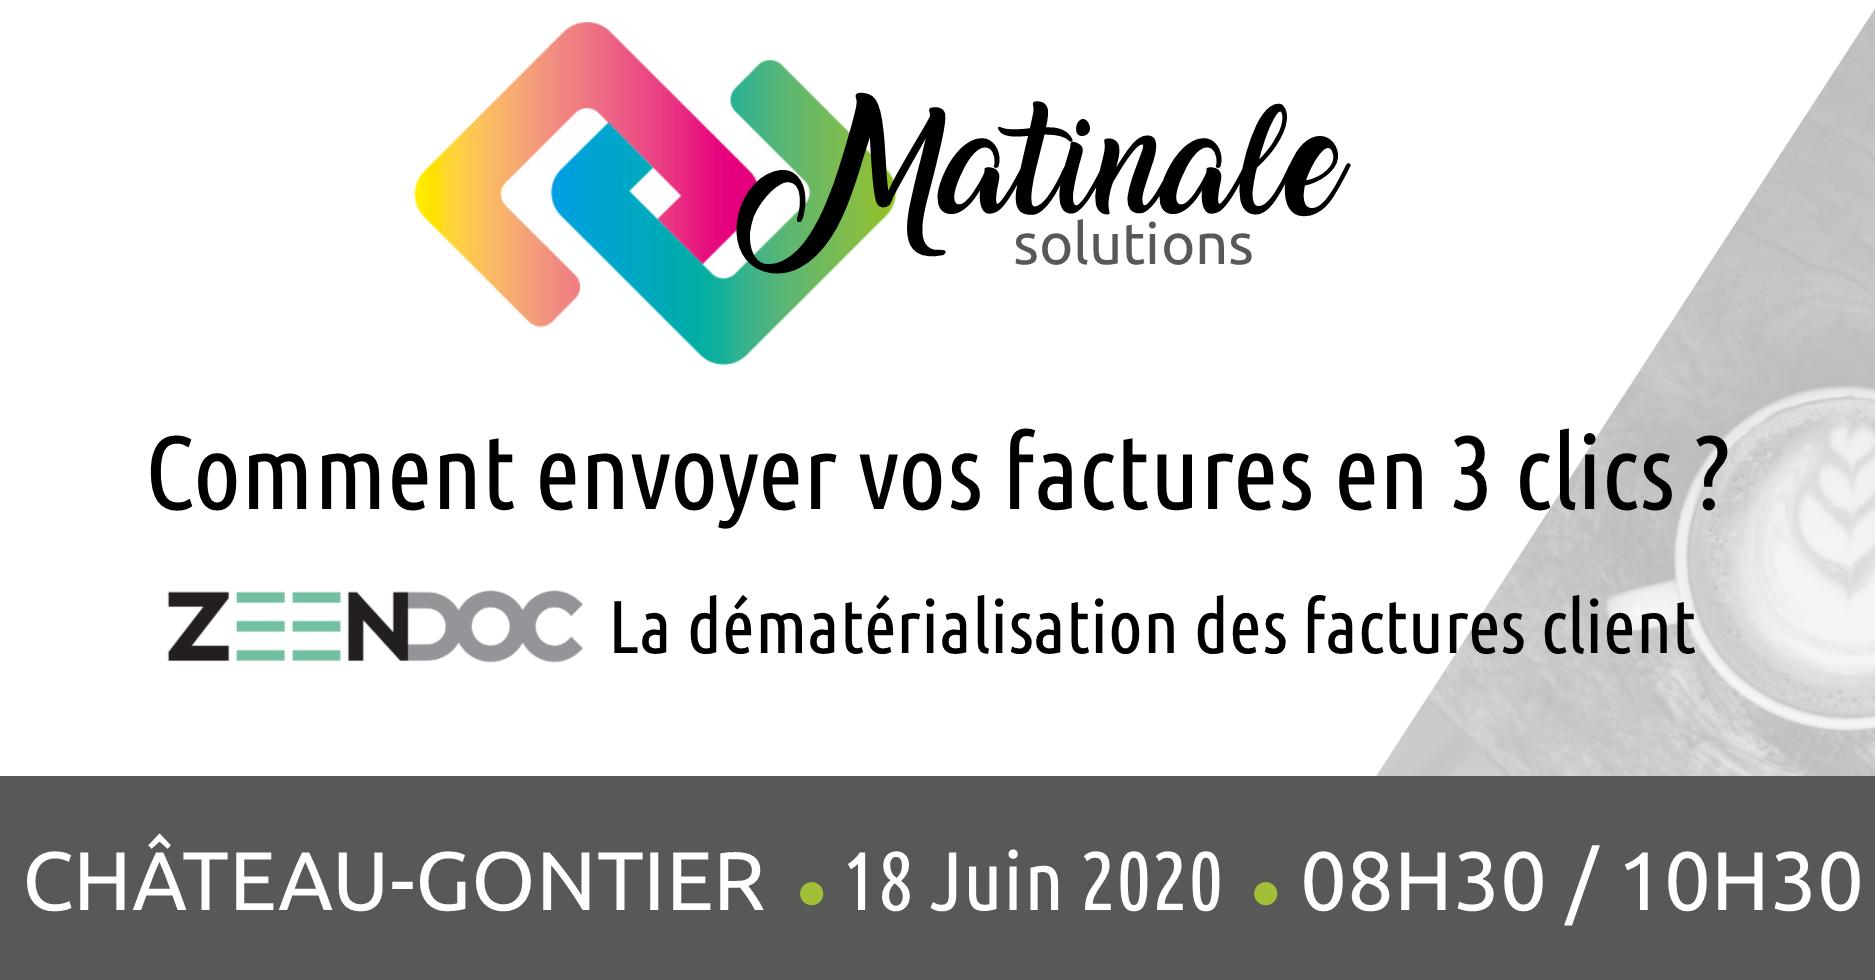 Groupe Touiller - Matinales Zeendoc - Château-Gontier